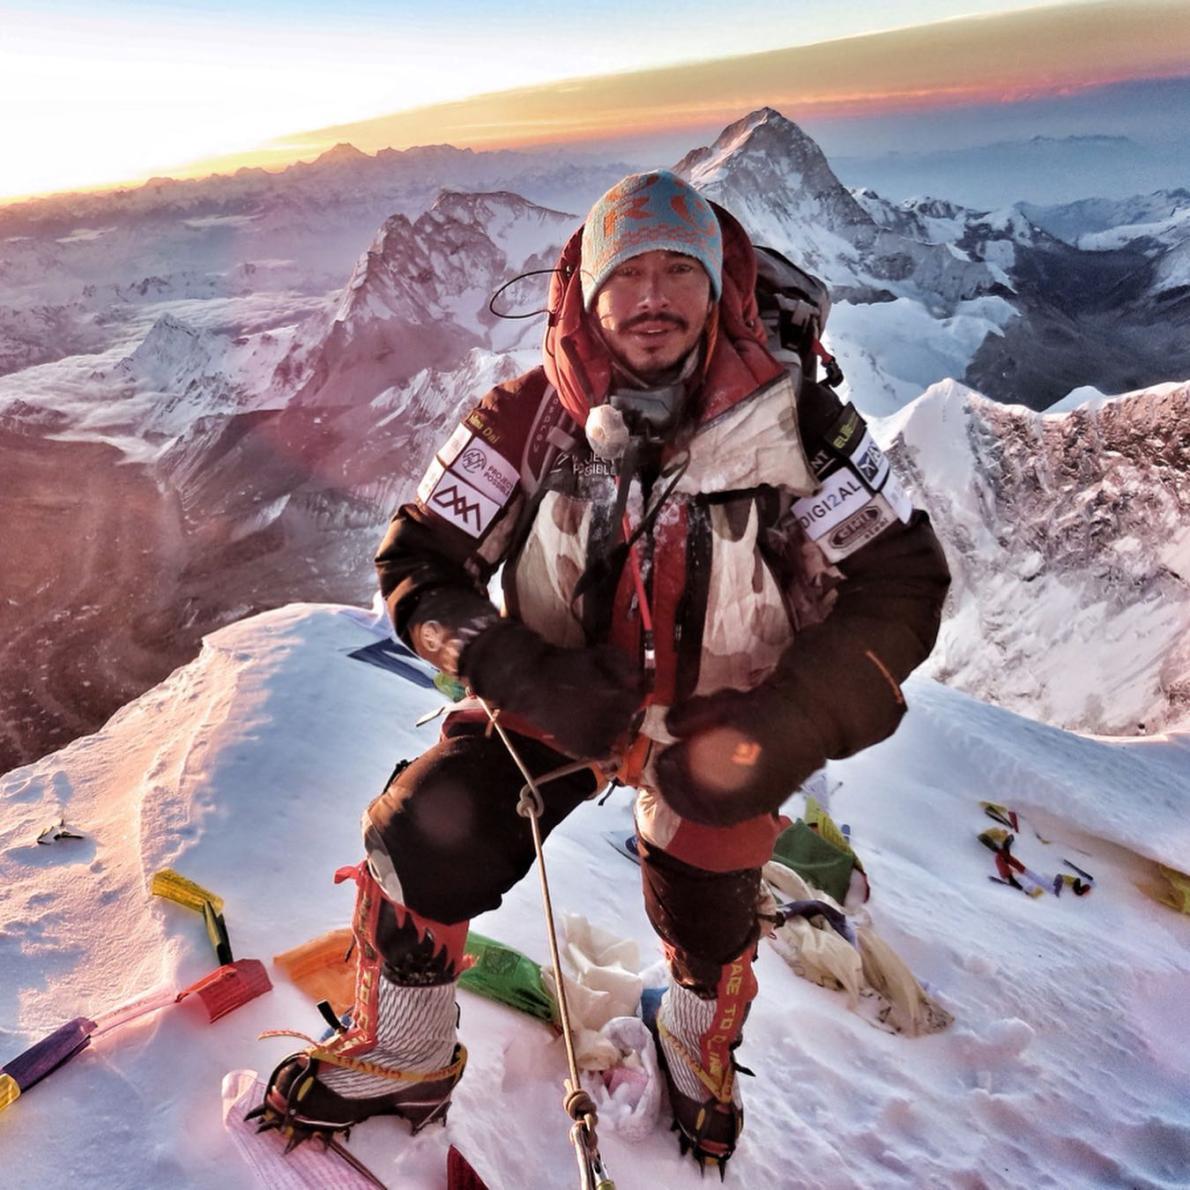 型破り登山家、1カ月で6つの8000m峰に登頂成功   ナショナルジオ ...